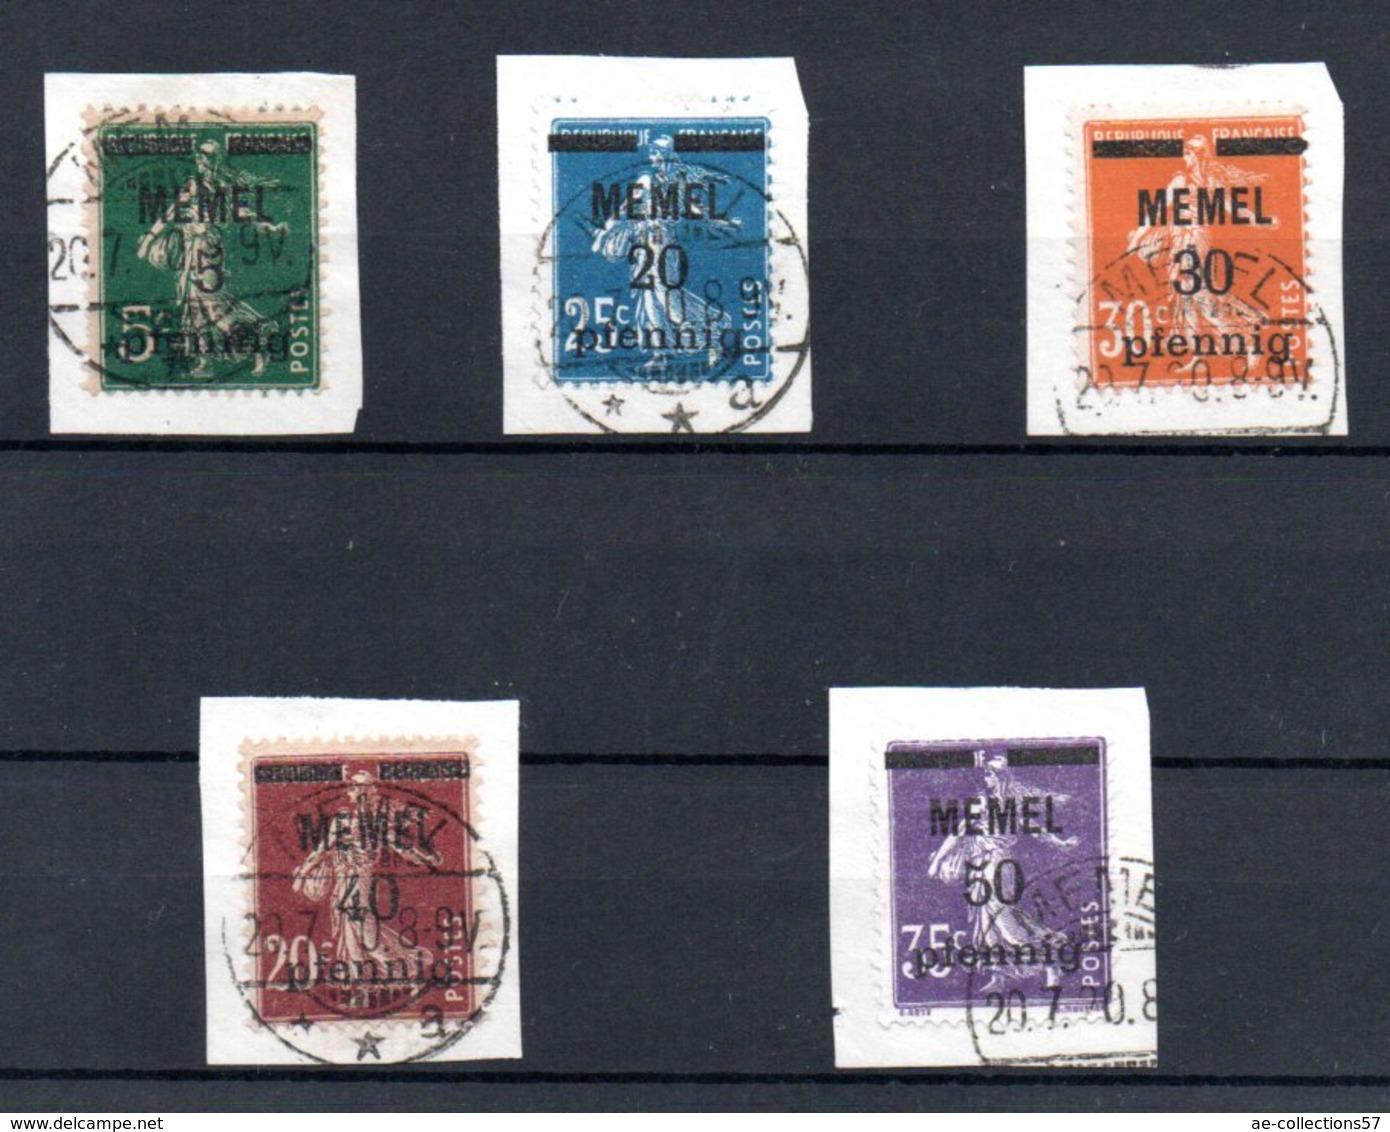 Memel / Série N 18 à 23 / Oblitérés - Memel (1920-1924)